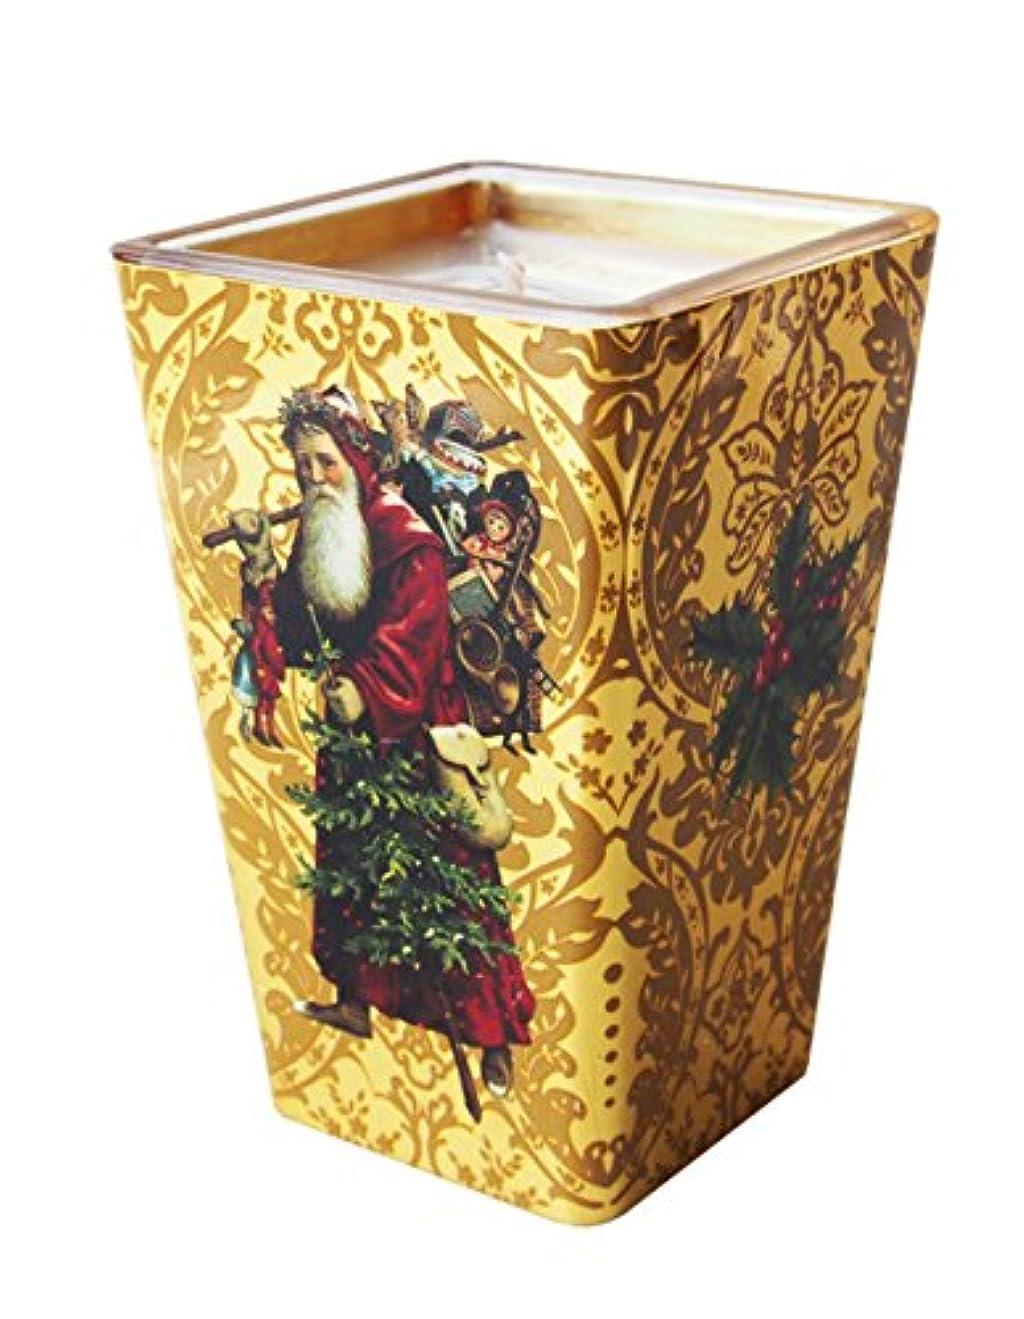 隔離する奇妙なテクスチャーFRINGE STUDIO 【クリスマス】 アロマ キャンドル (ゴールド×サンタクロース) F412170